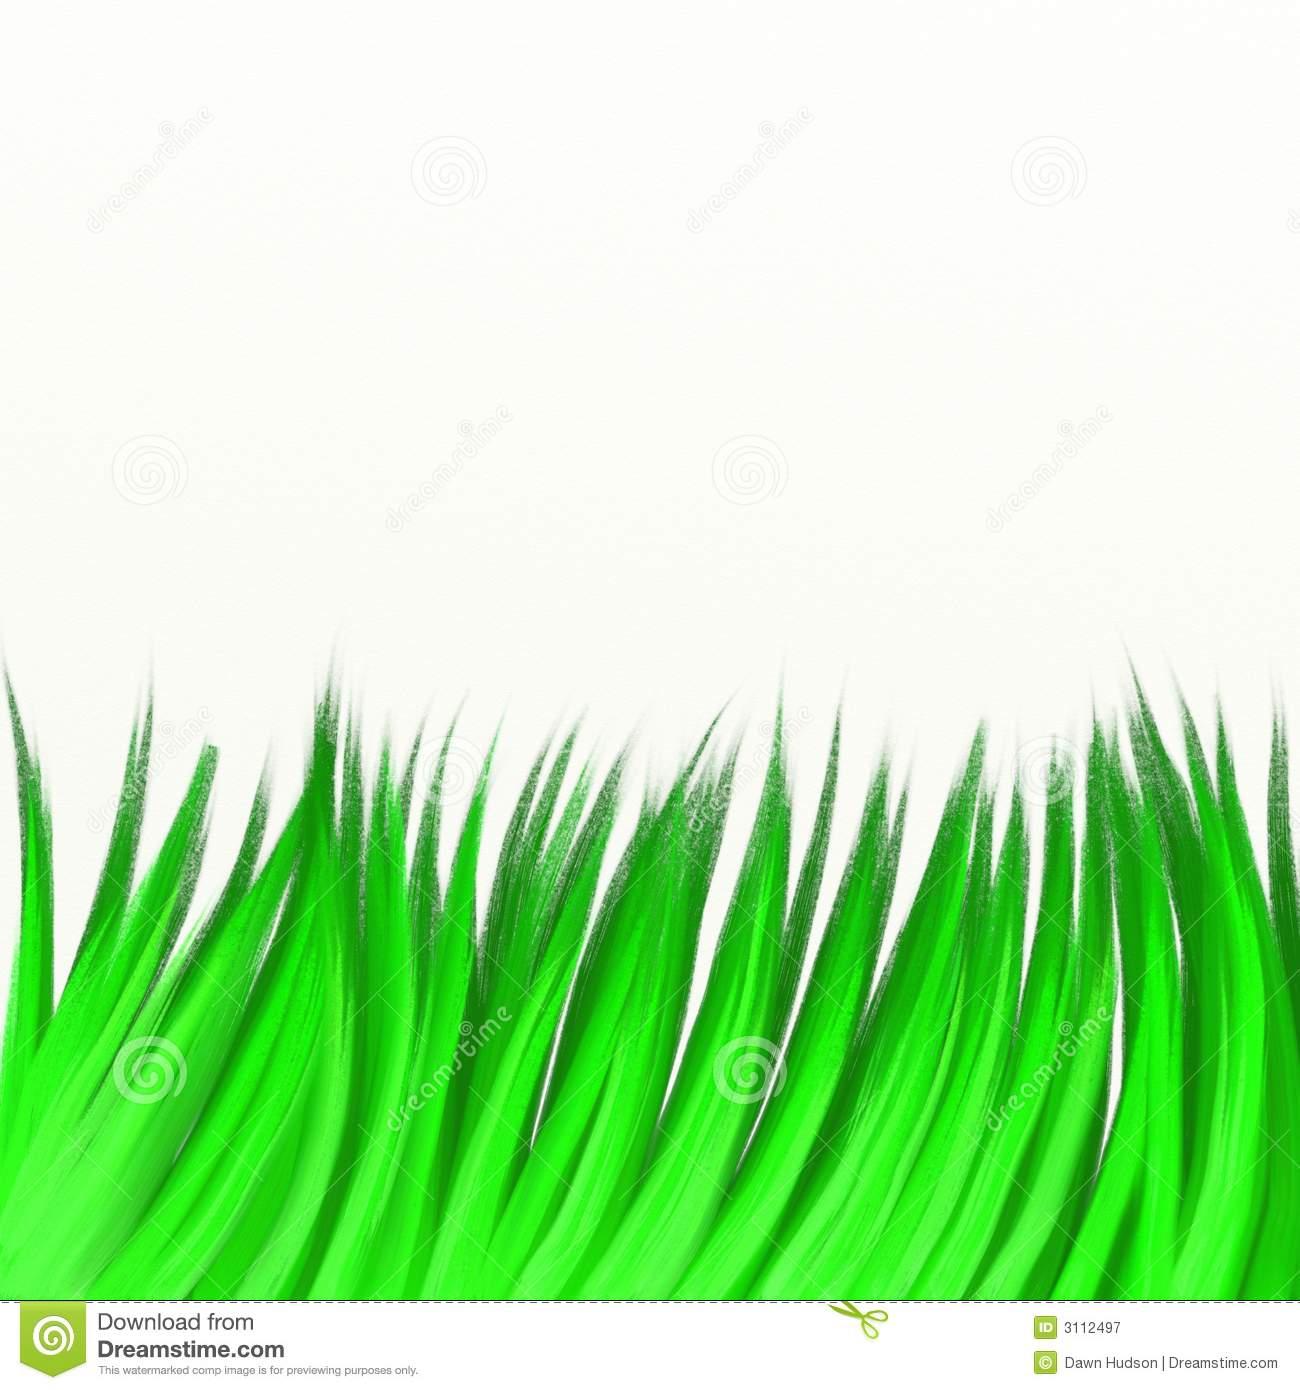 Overgrown grass clipart.